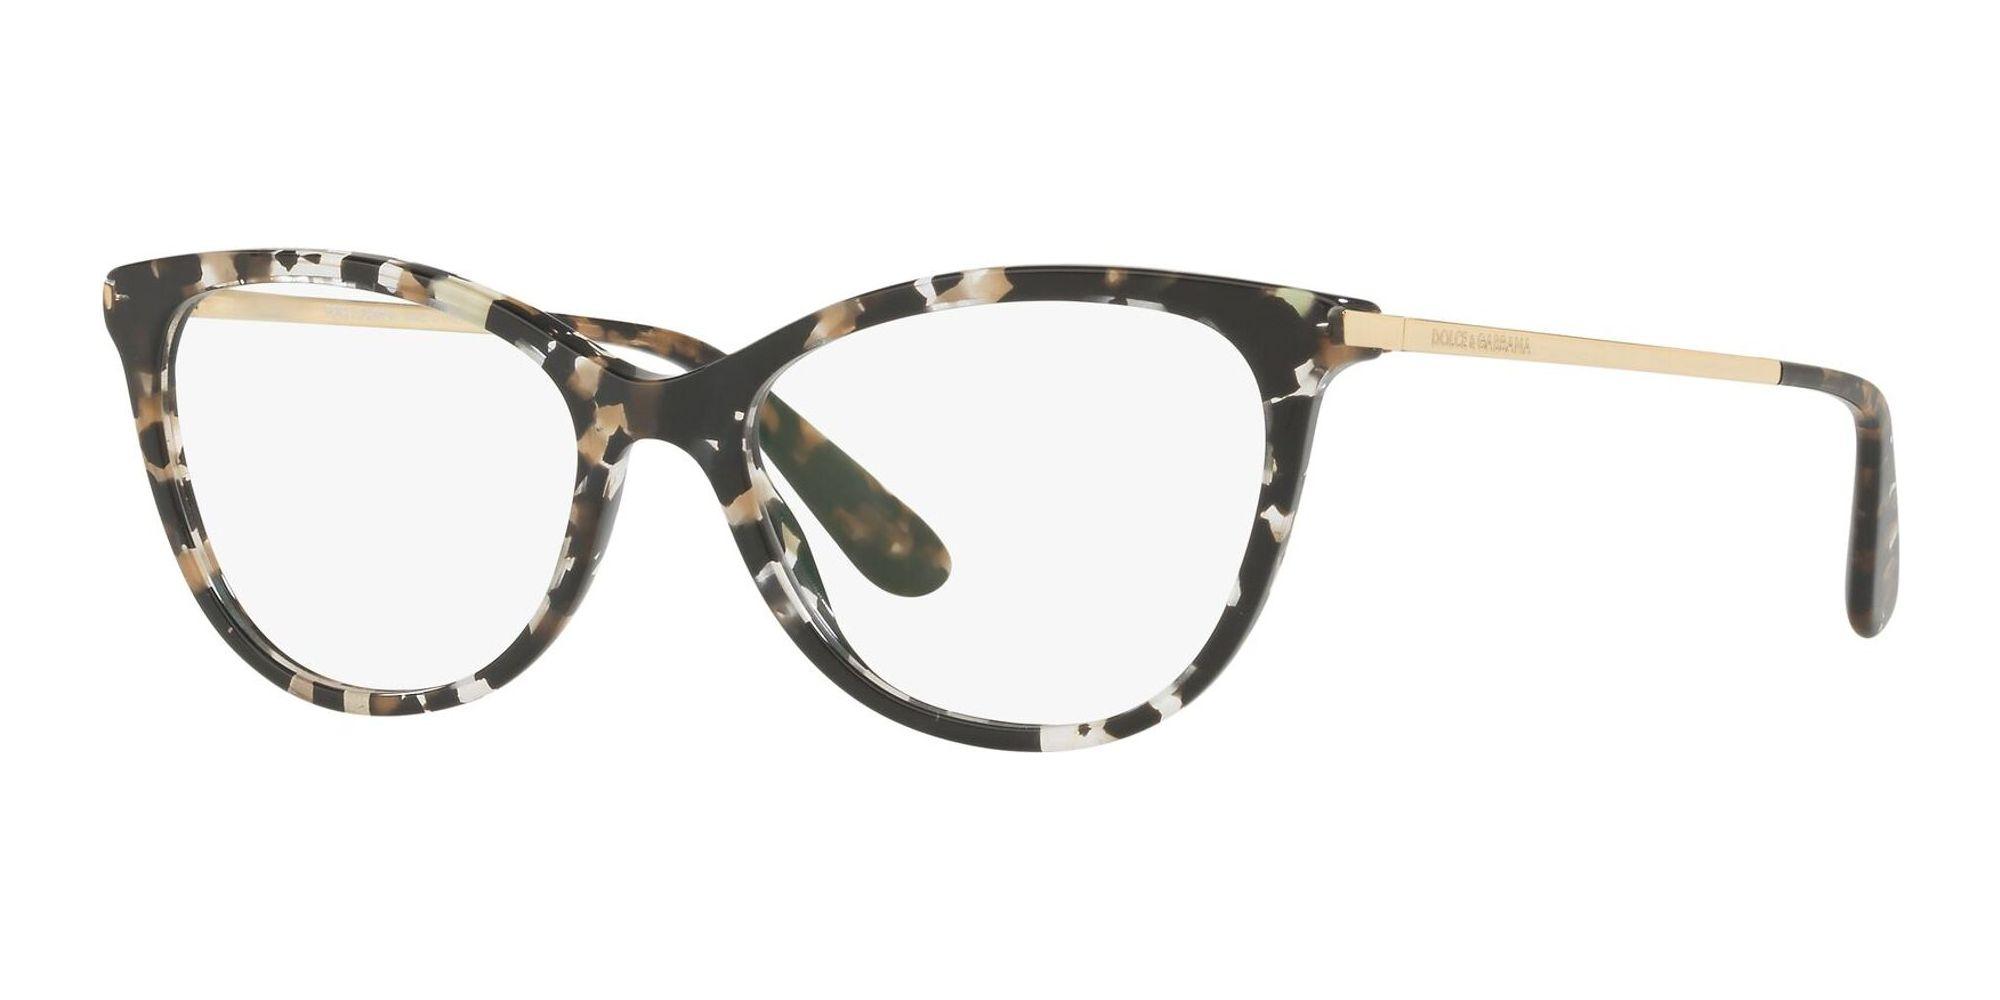 Dolce & Gabbana brillen DG 3258